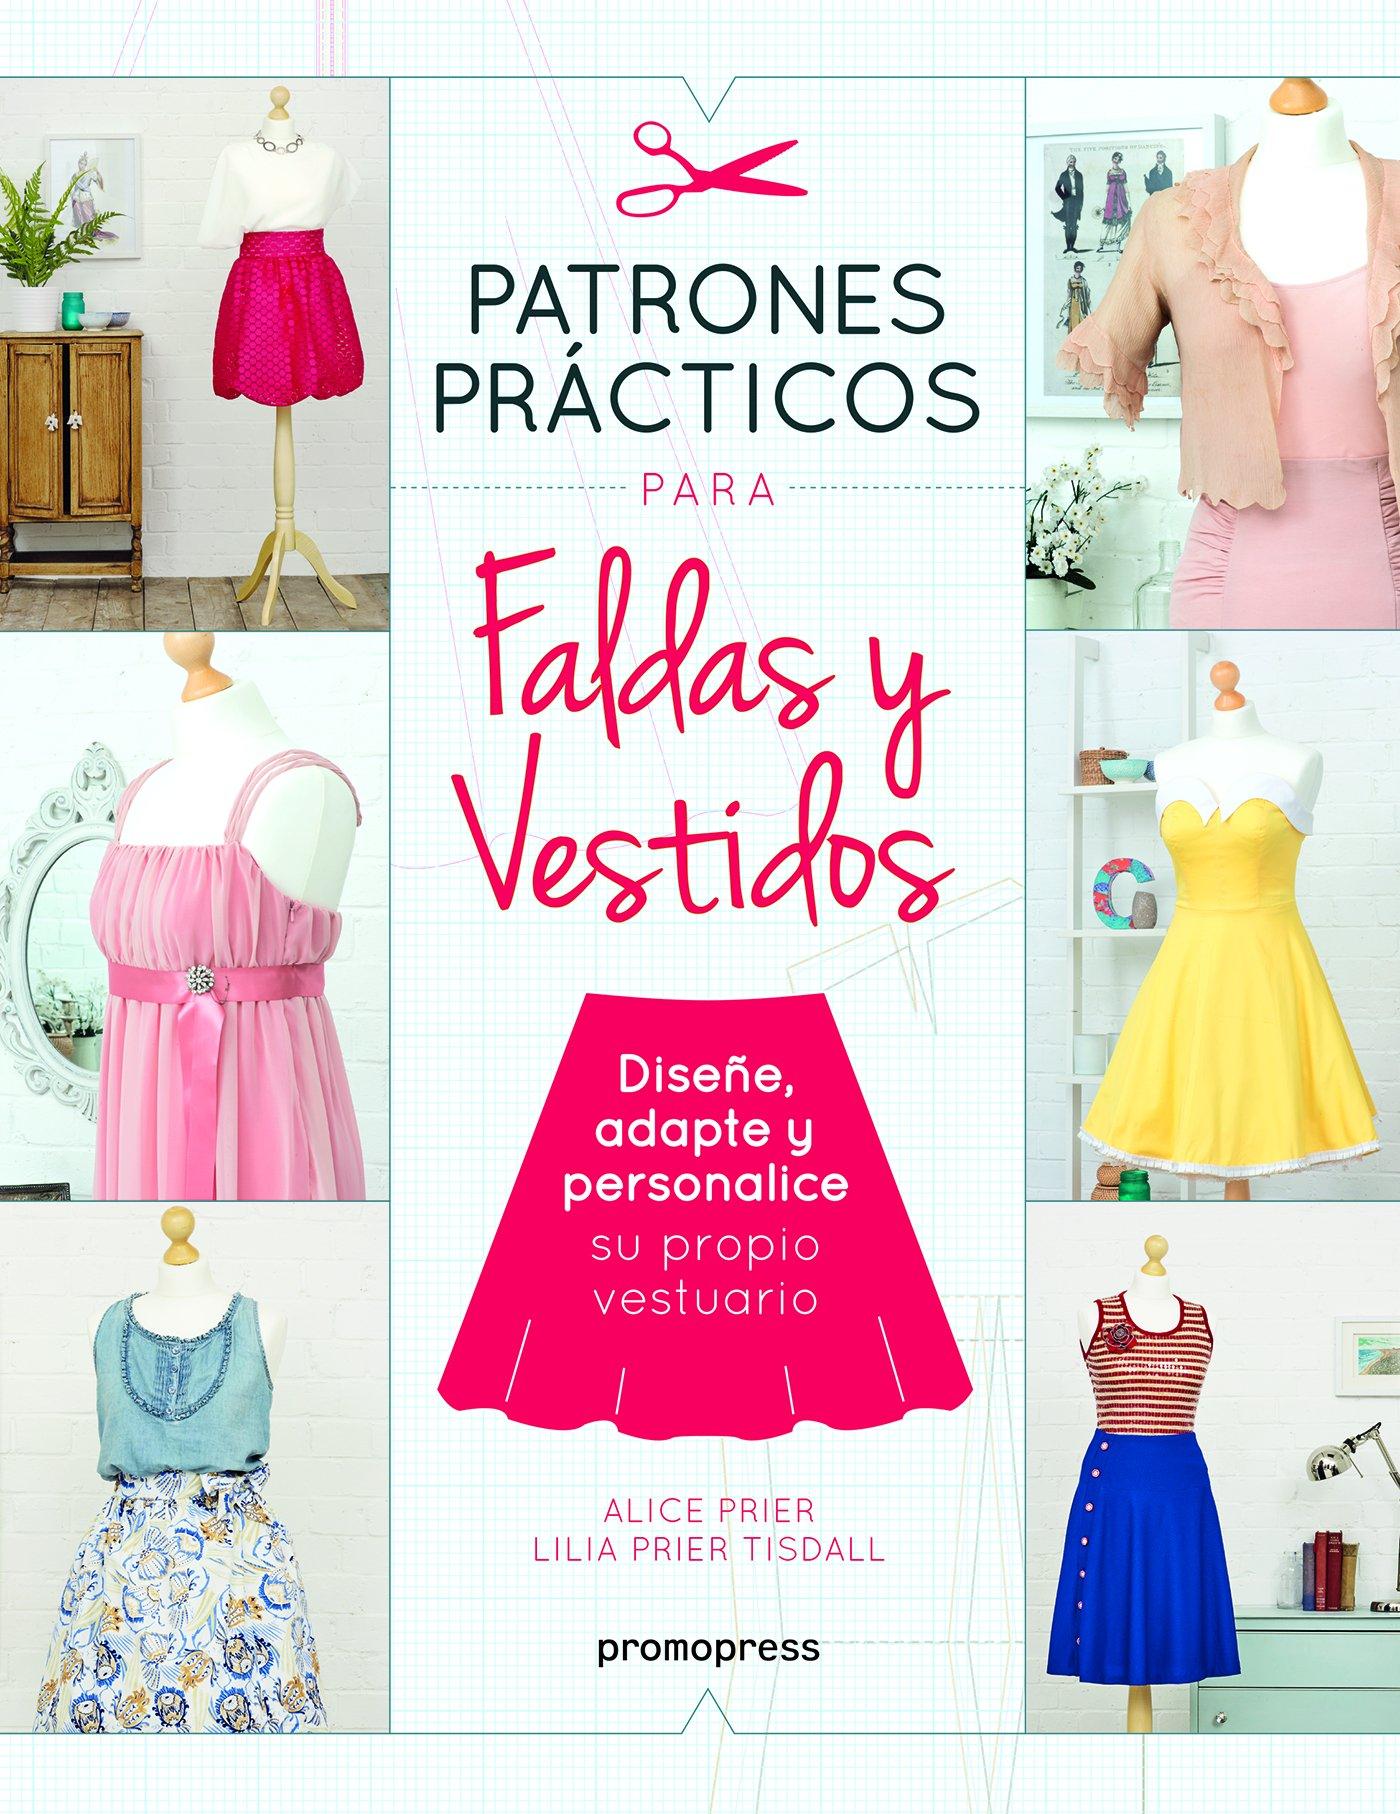 PATRONES PRACTICOS PARA FALDAS Y VESTIDOS - DISEÑE, ADAPTE: 9788416851539: Amazon.com: Books